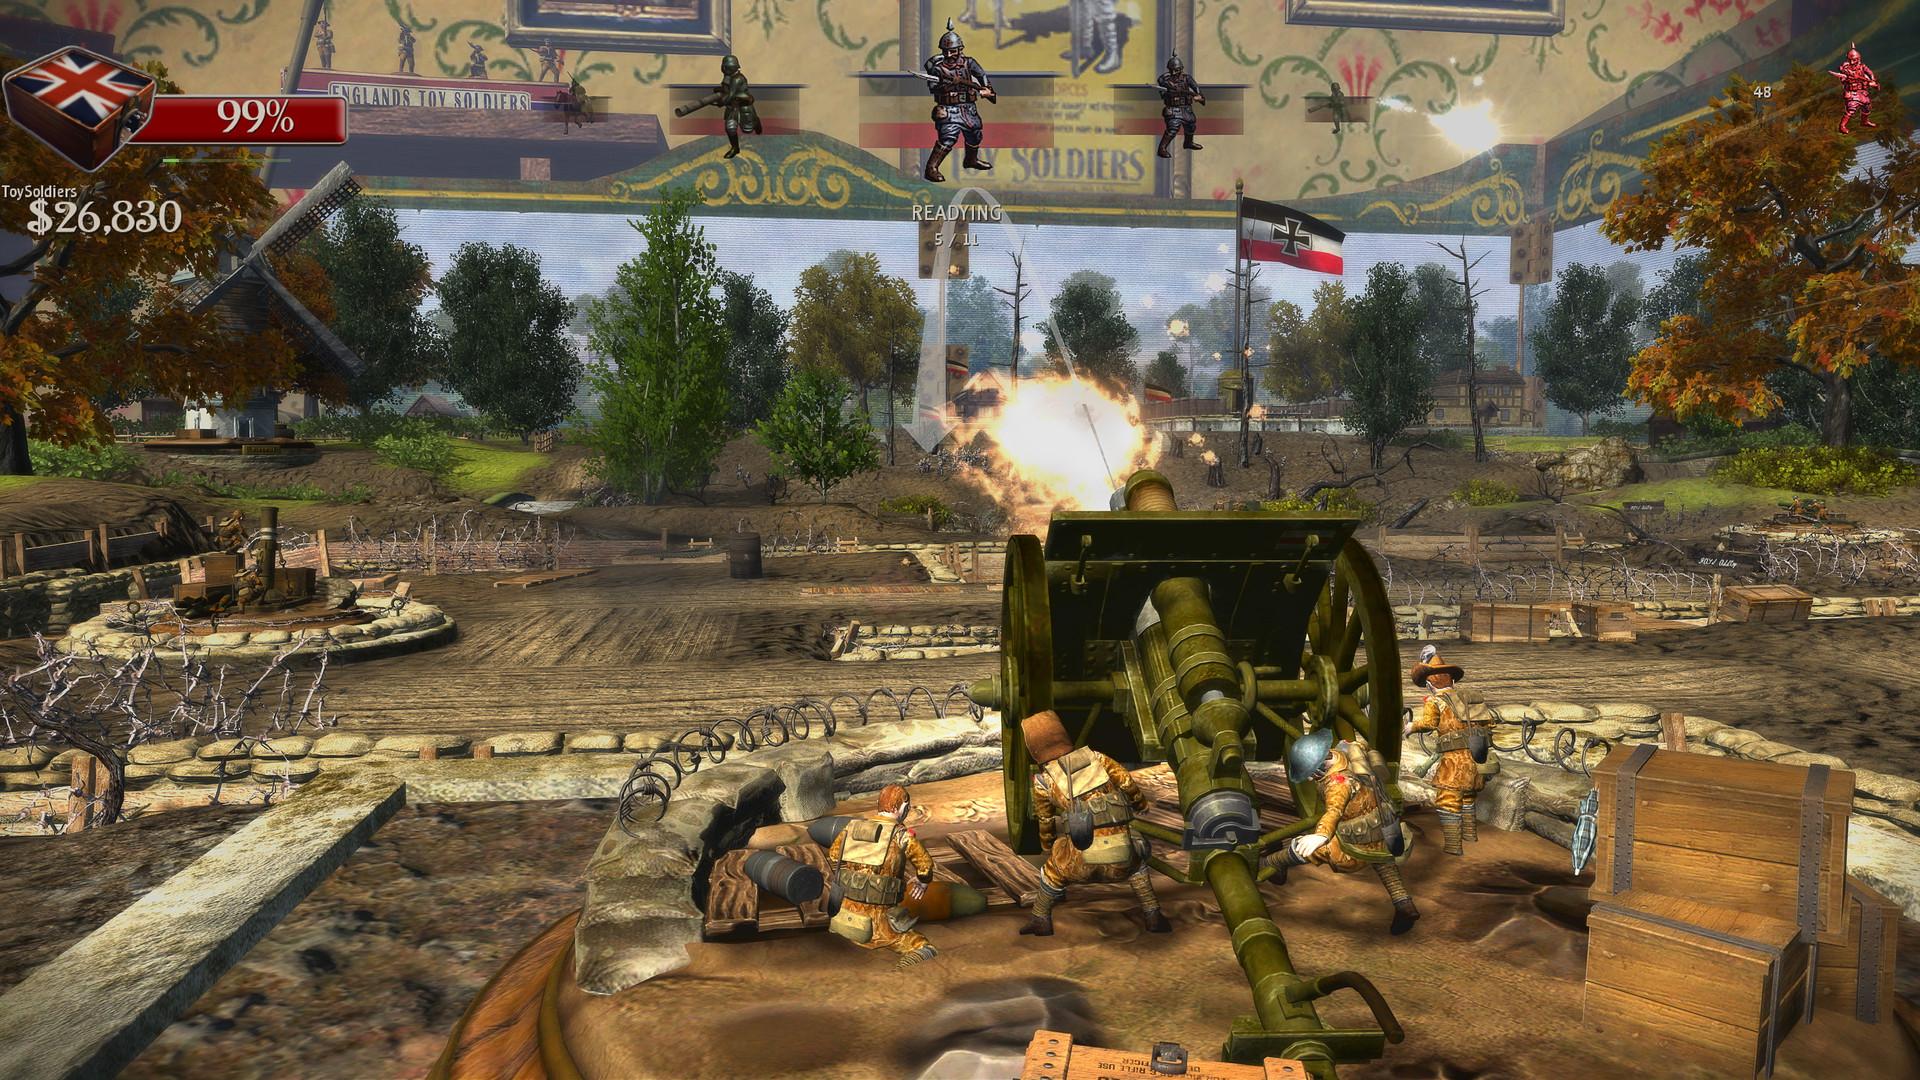 官方宣布《玩具士兵HD》延期 9月30日正式发售